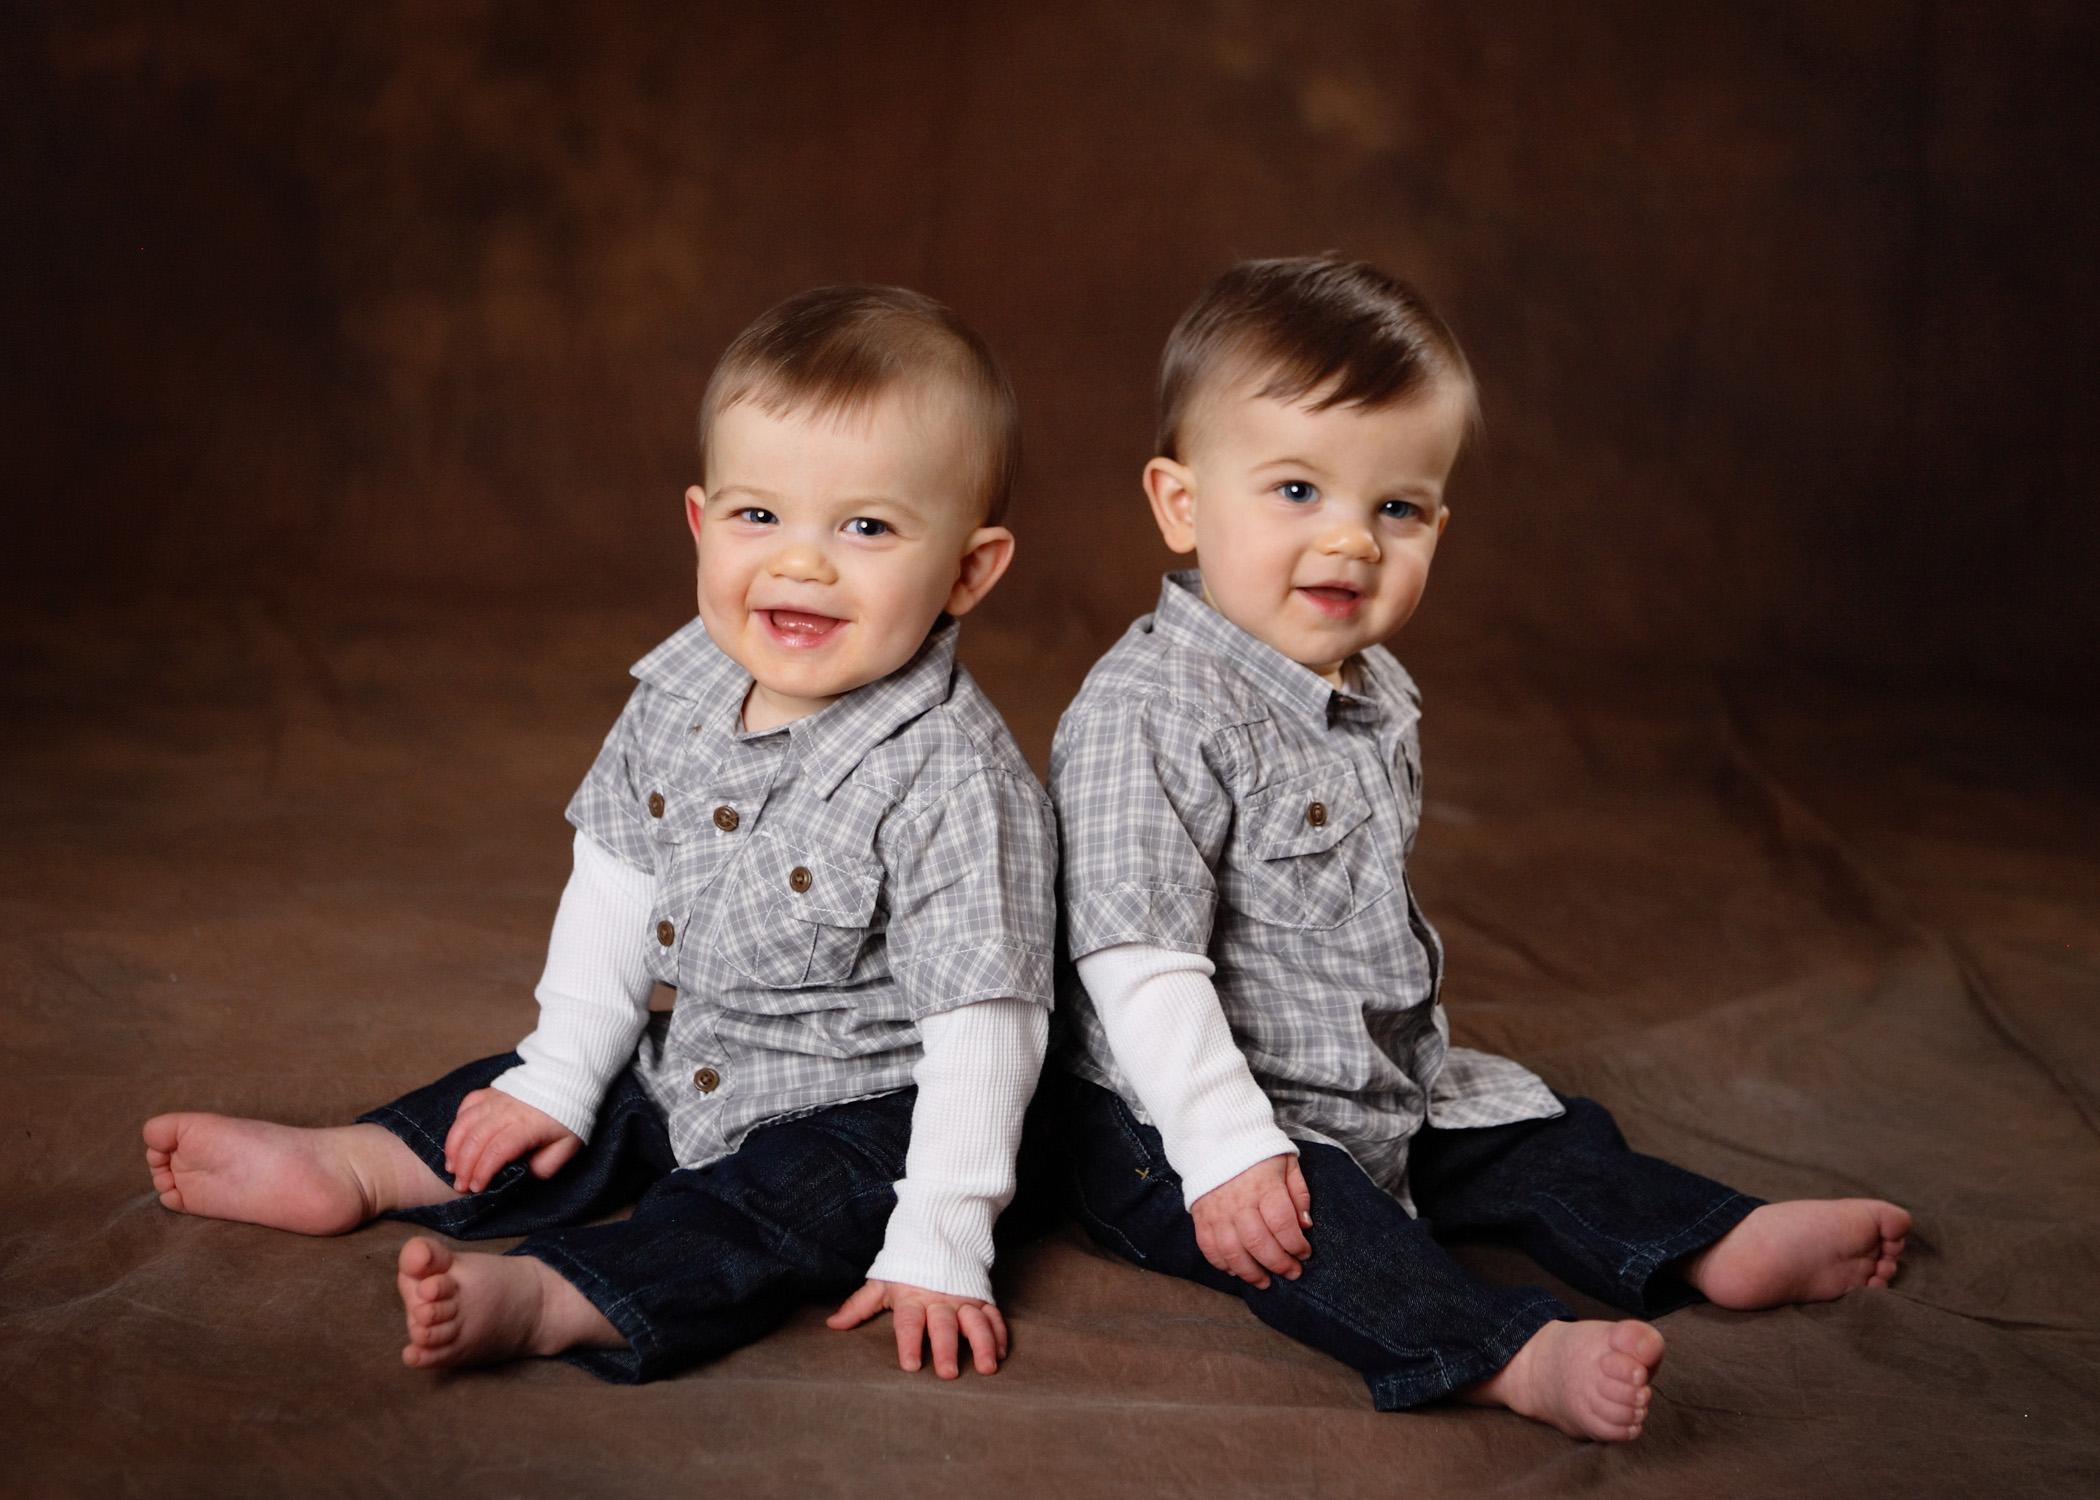 Близнецы фото дети мальчик